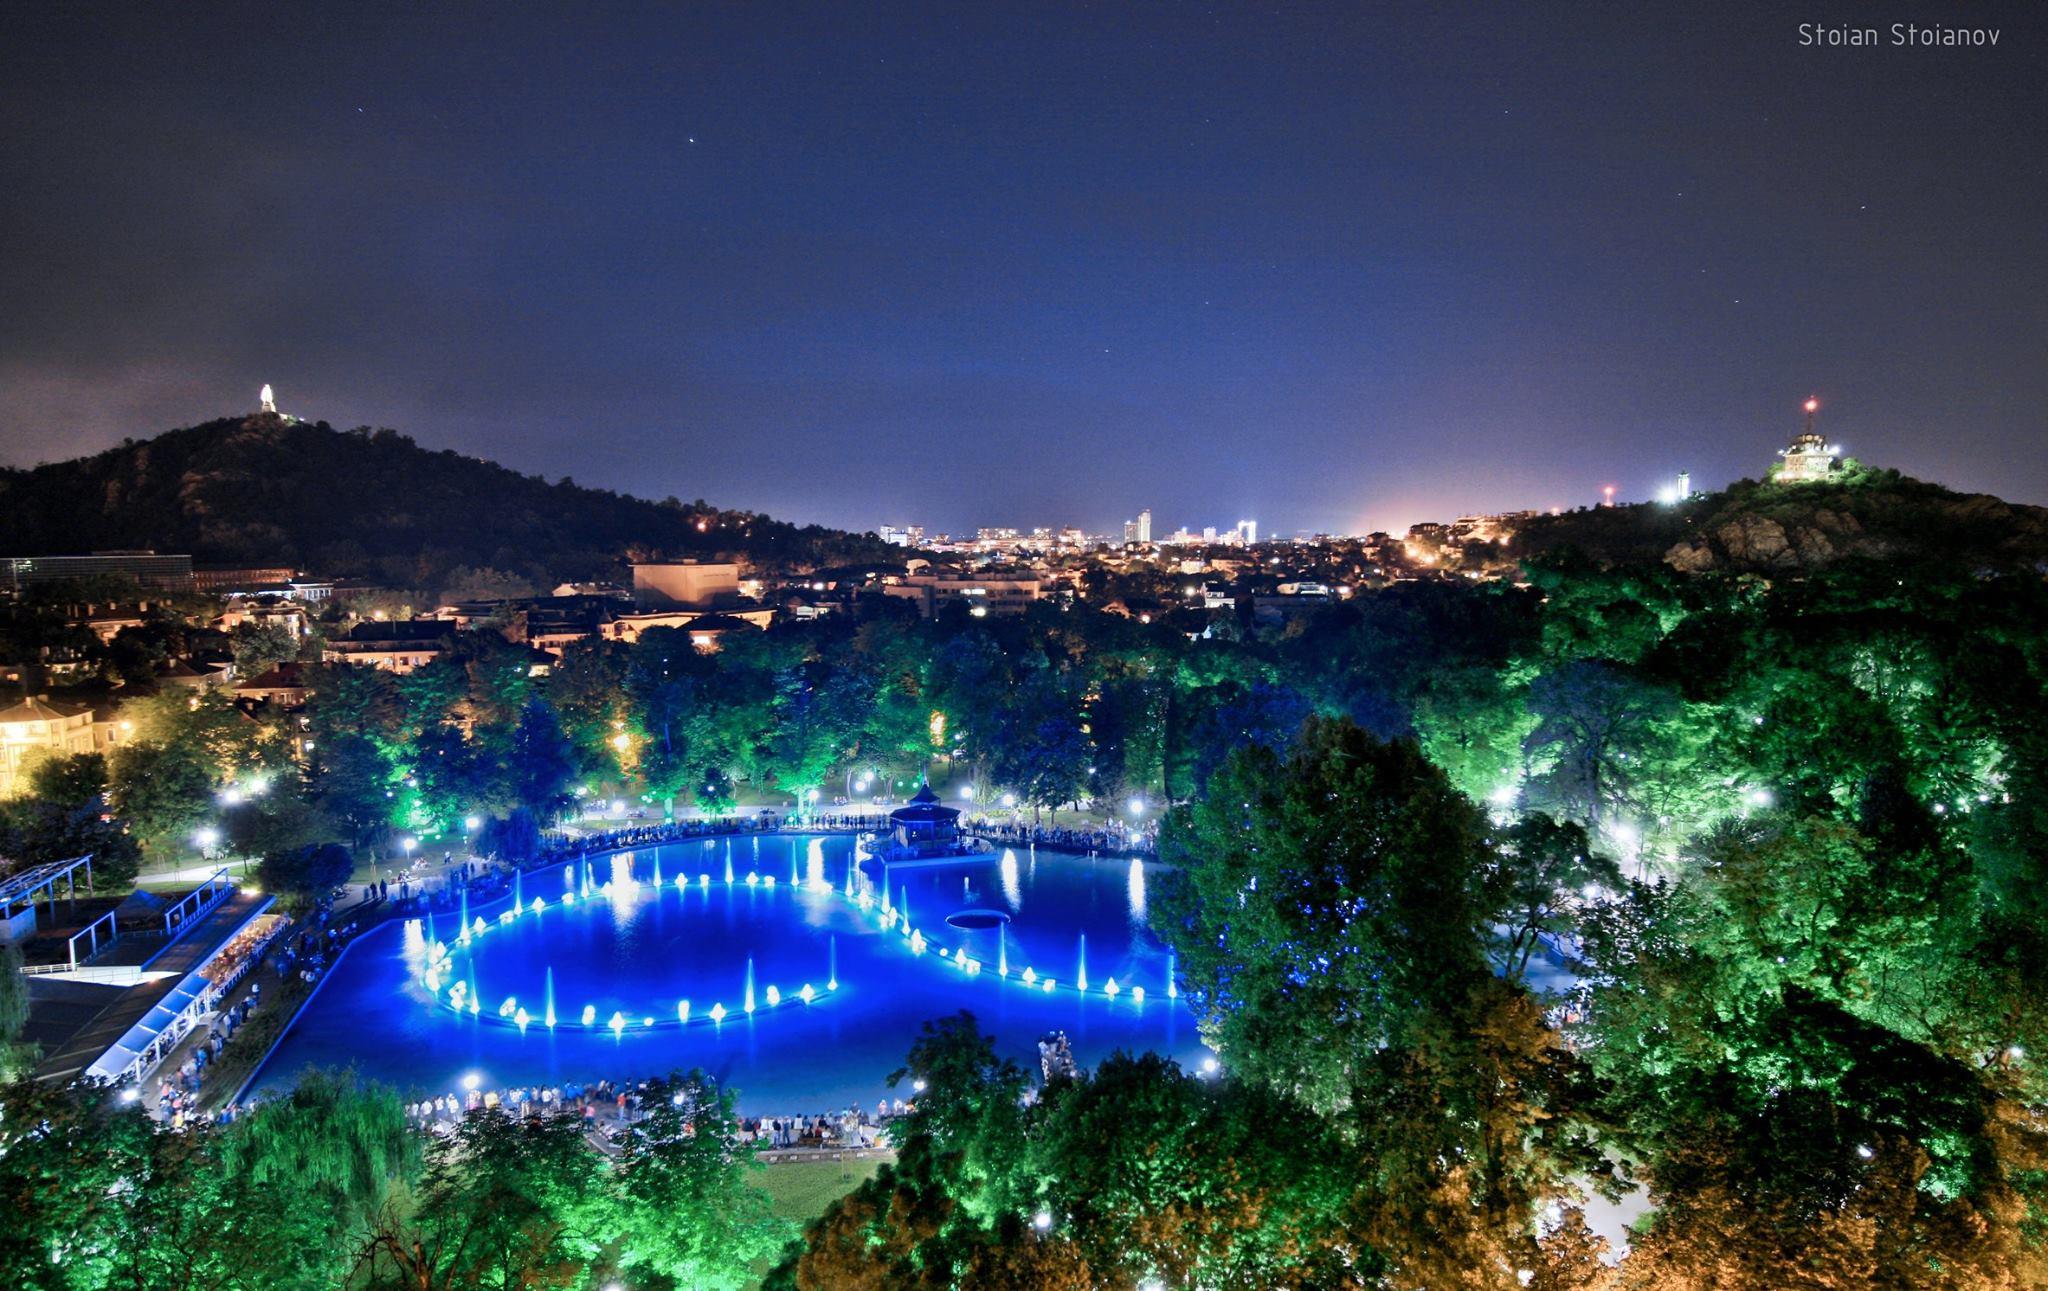 Tsar Simeon S Garden In Plovdiv Visitplovdiv Com